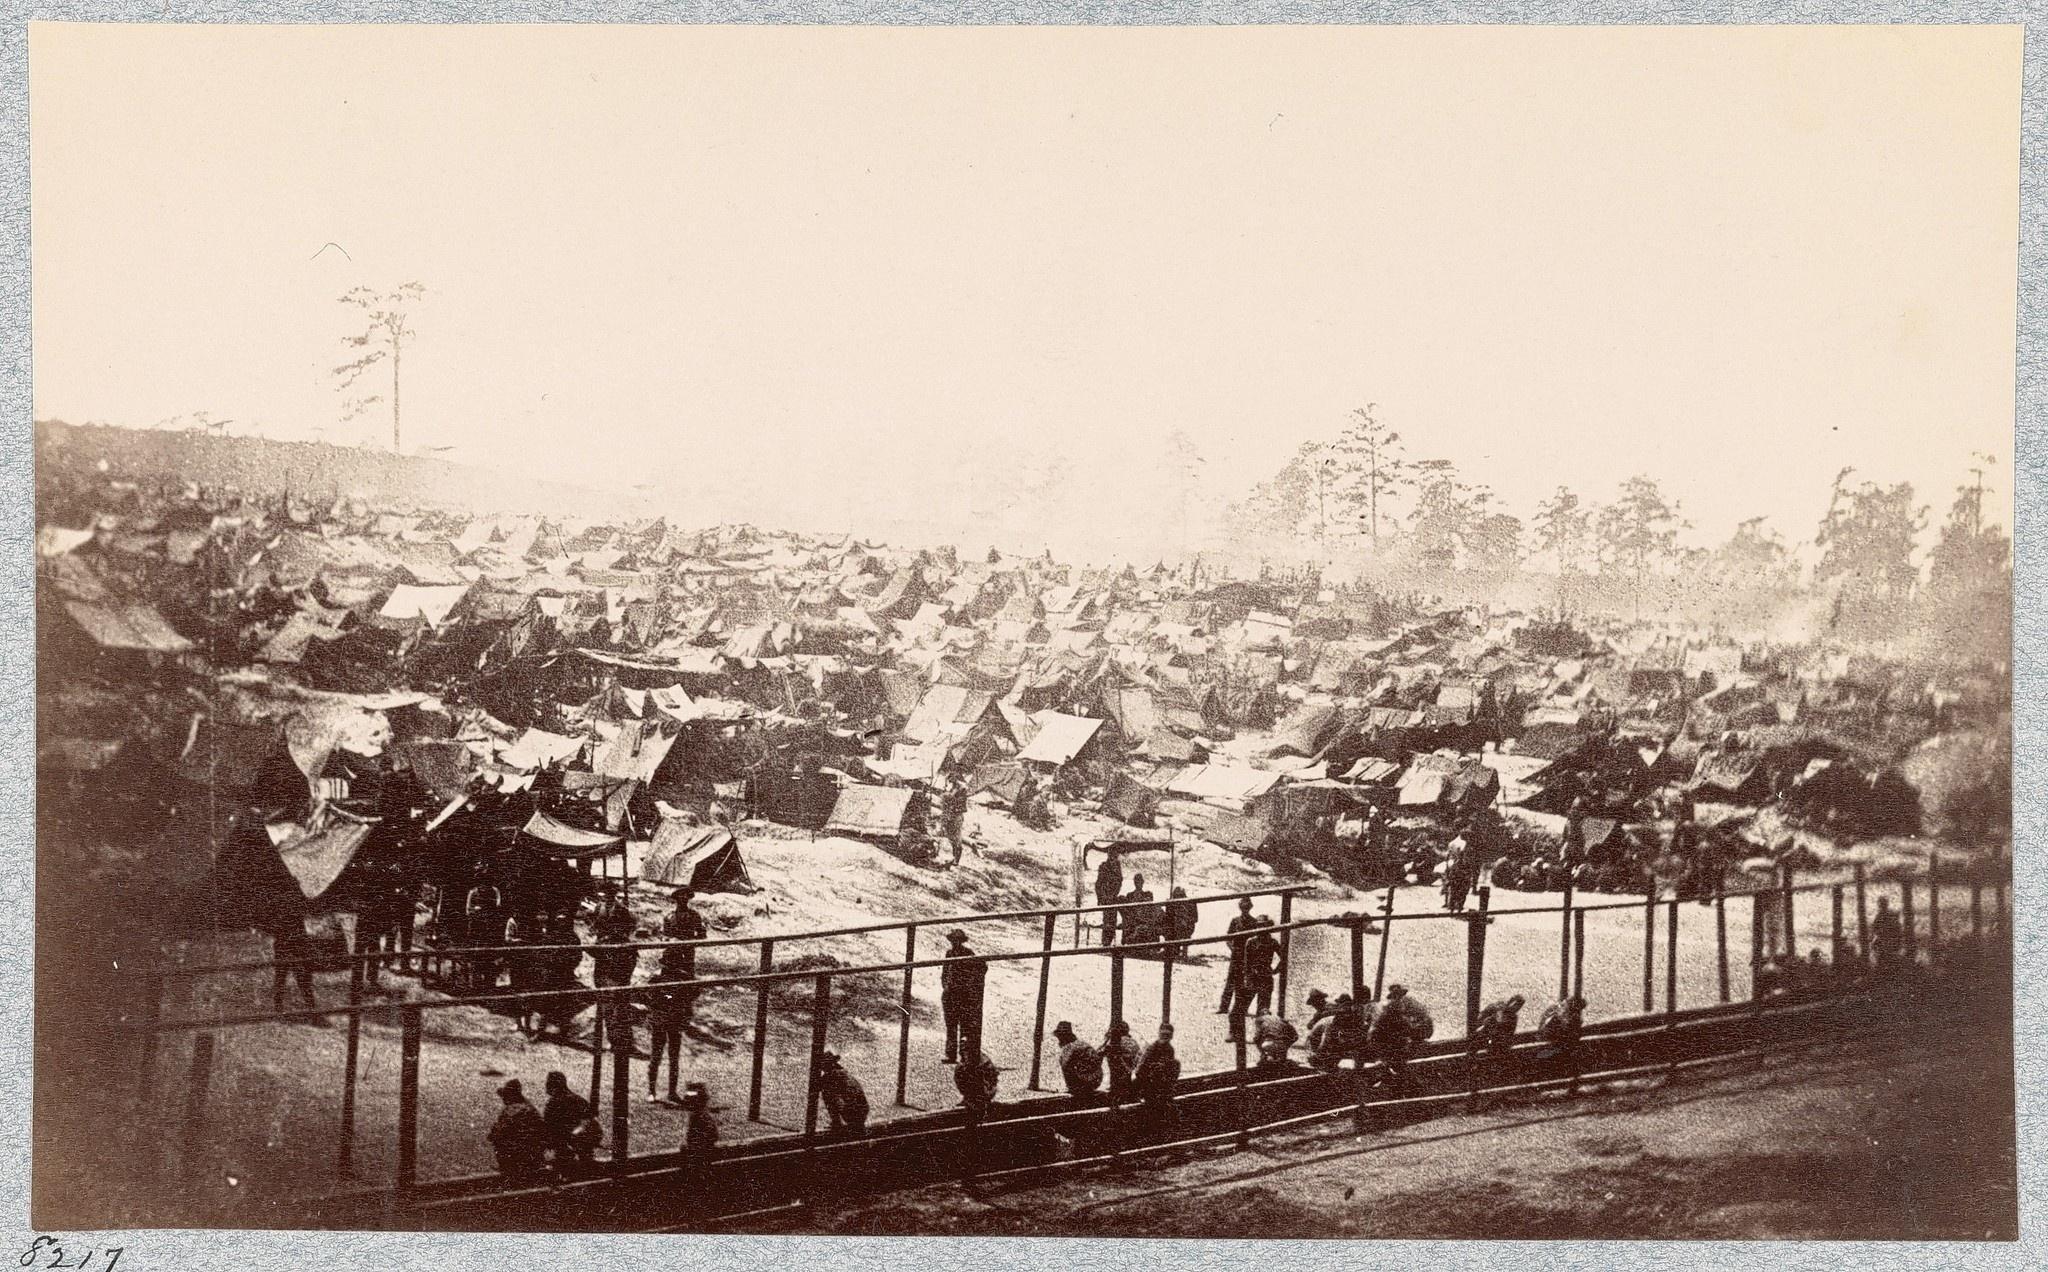 andersonville prison camp, Georgia